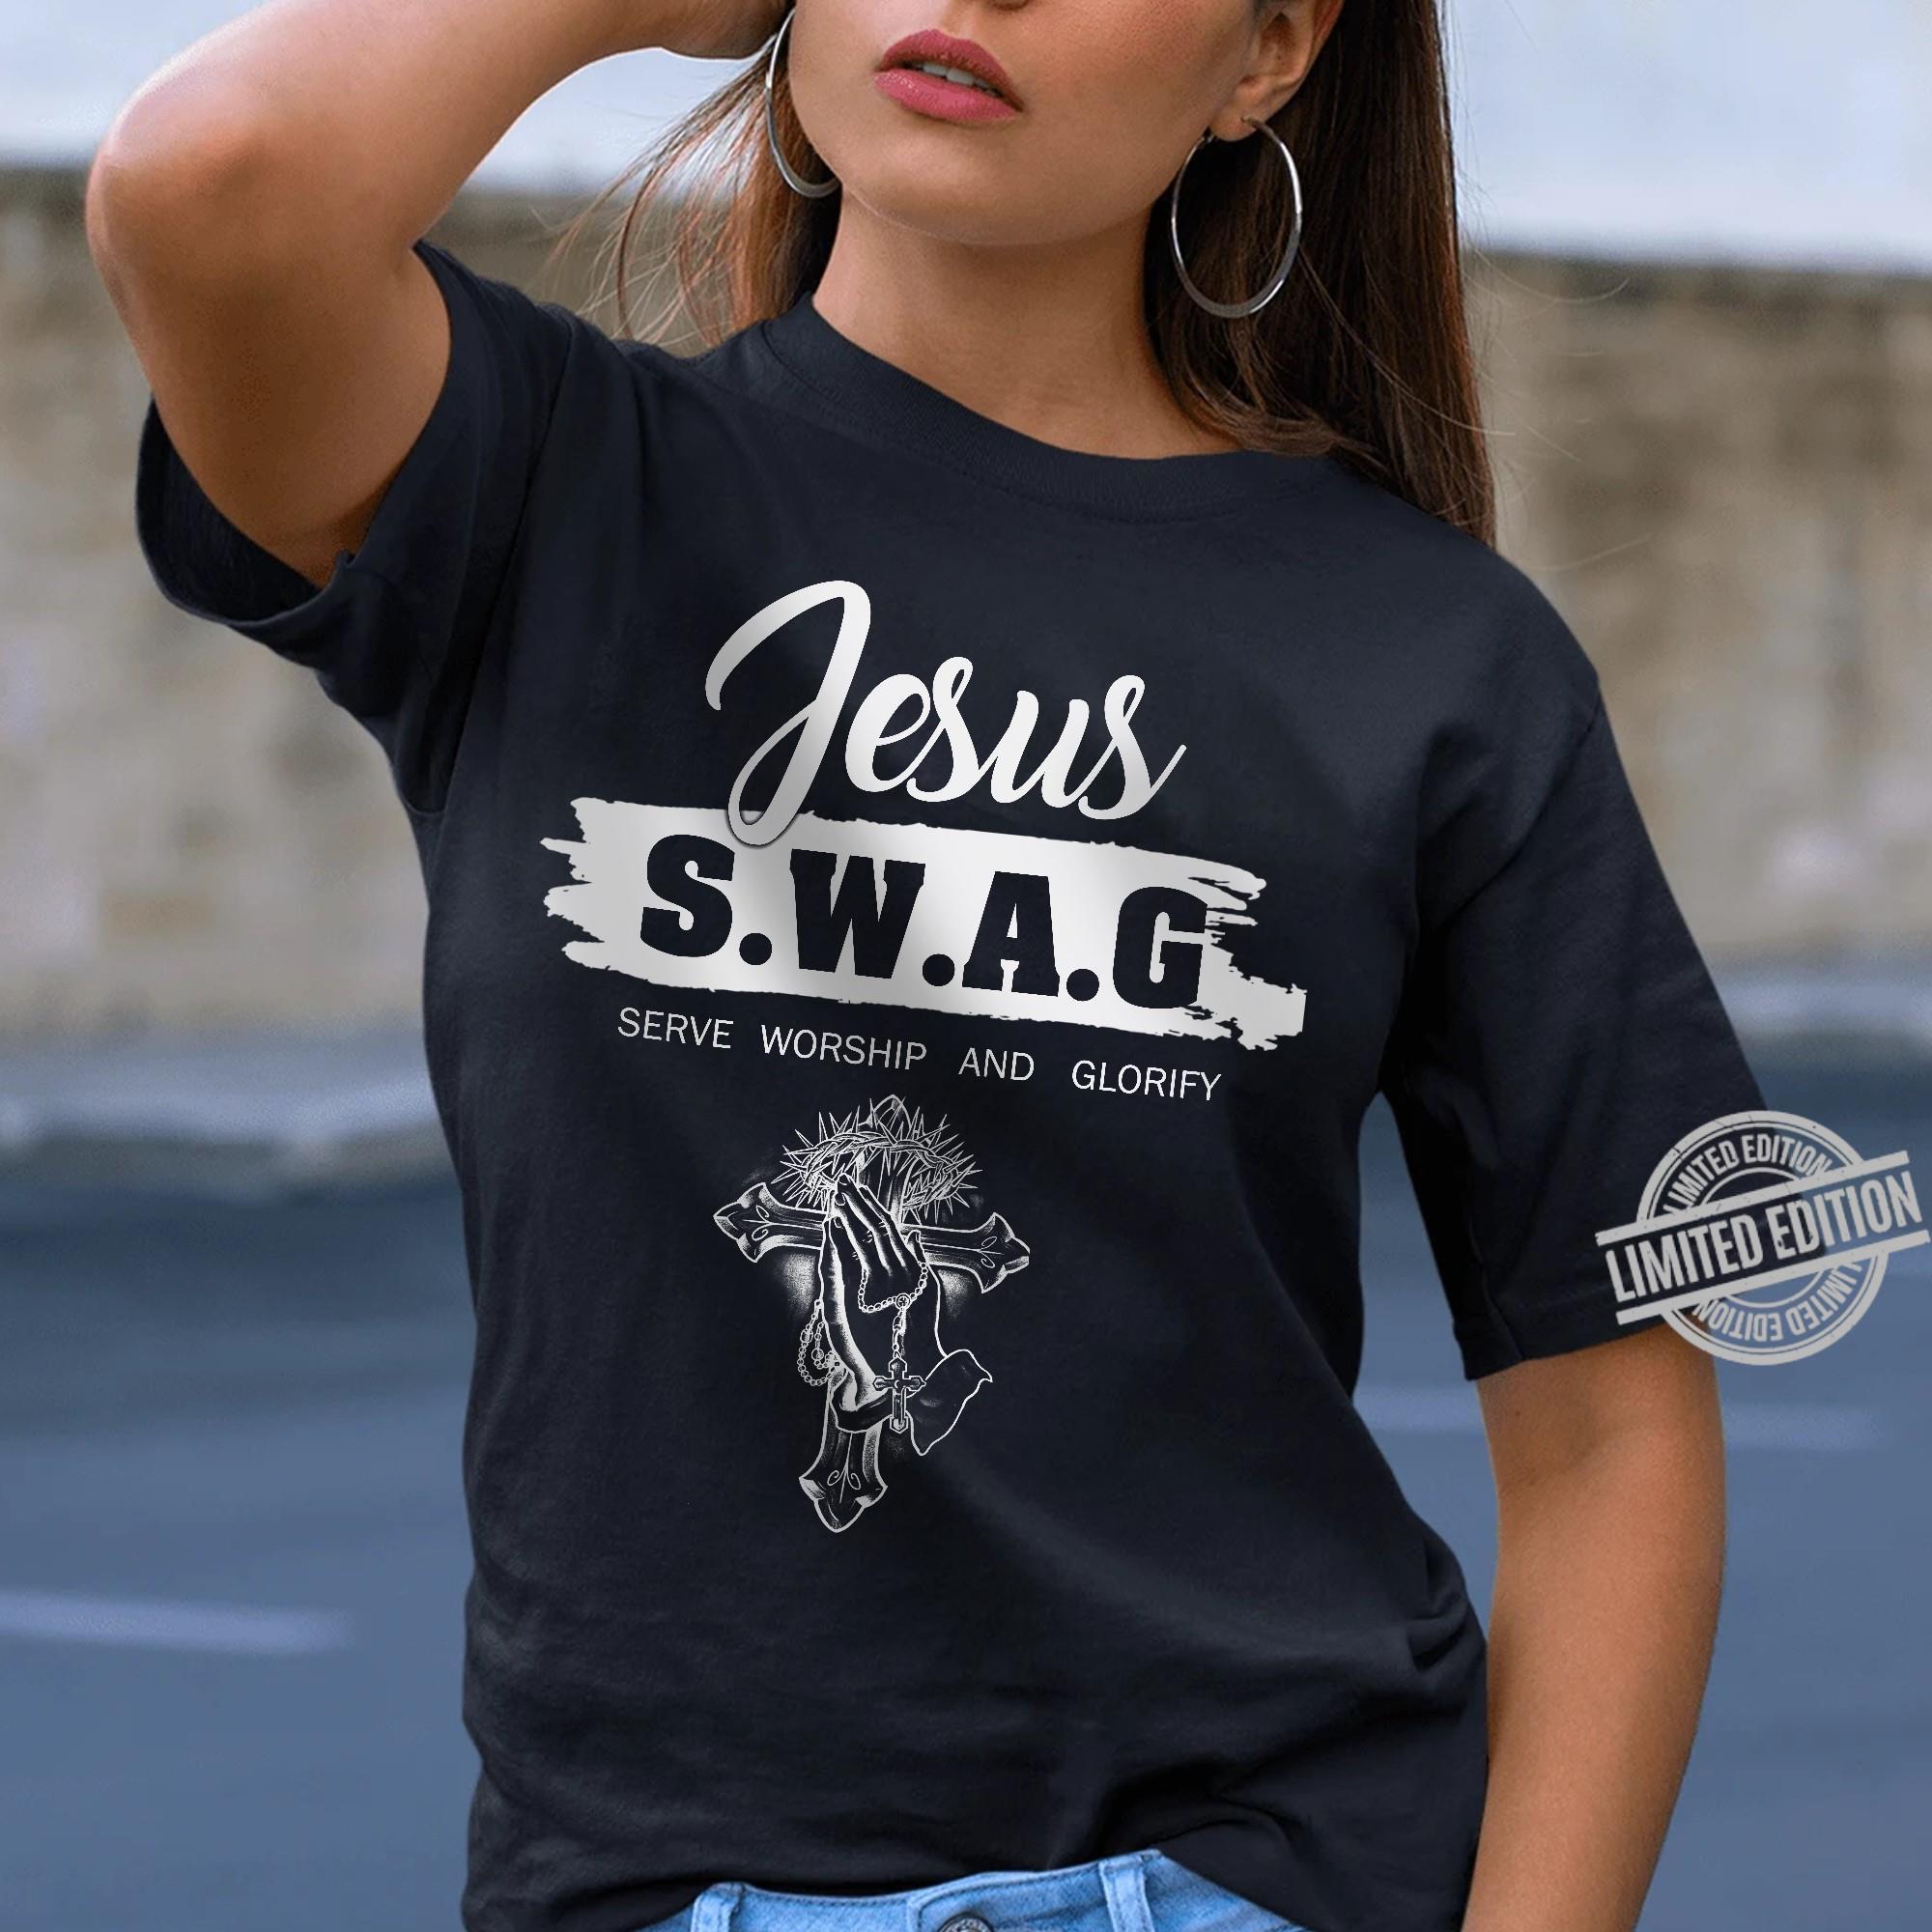 Jesus S.W.A.G Serve Sorship And Glorify Shirt